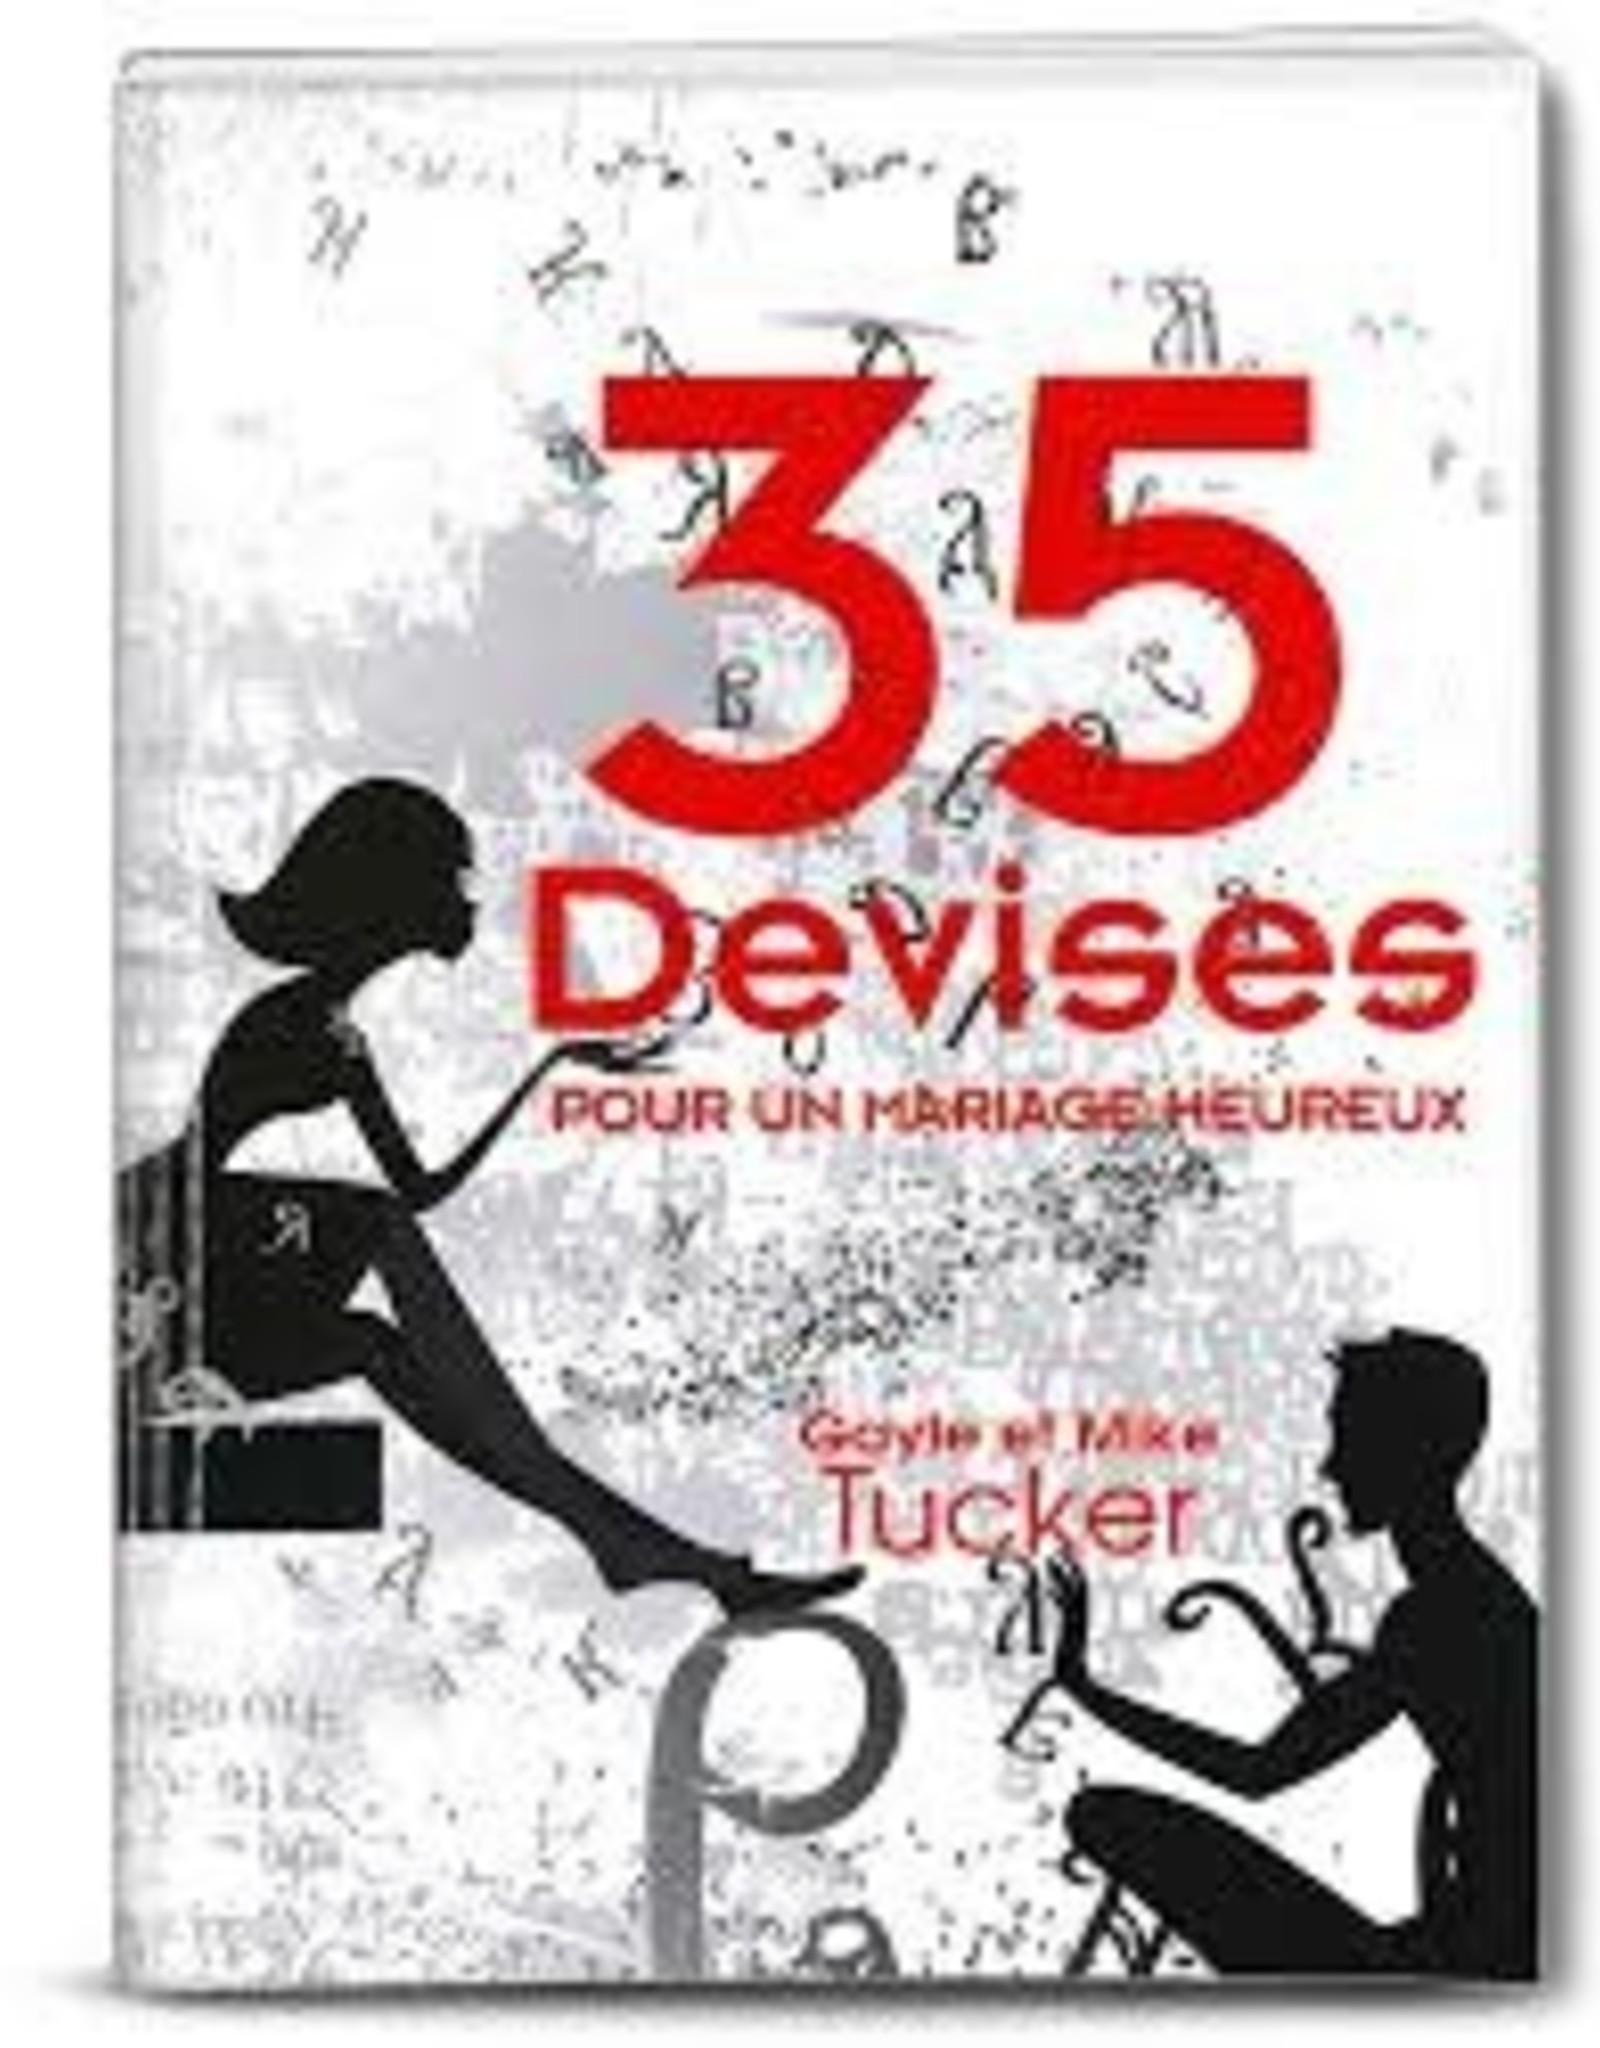 Gayle et Mike Tucker 35 Devises pour un mariage heureux